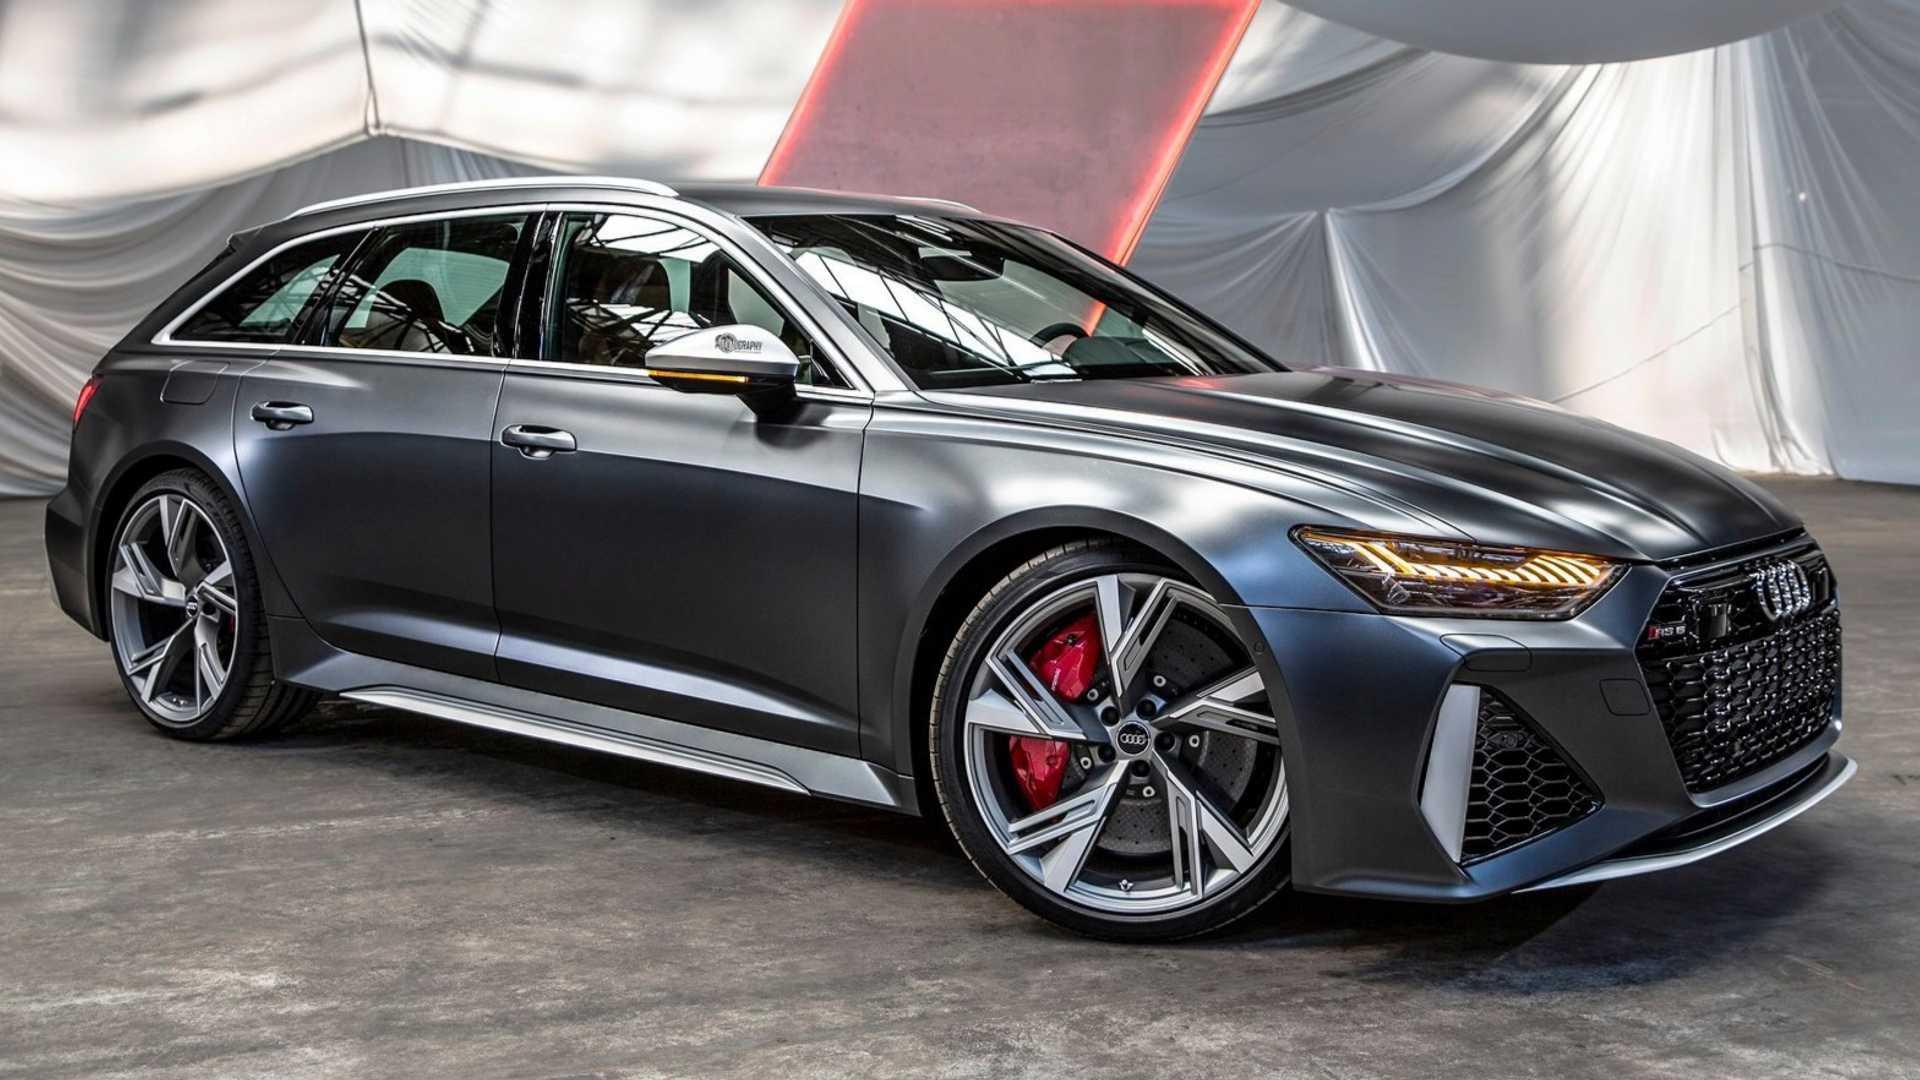 Audi RS6 Avant lần đầu ra mắt tại Mỹ kỷ niệm 25 năm dòng xe RS của Audi - 4